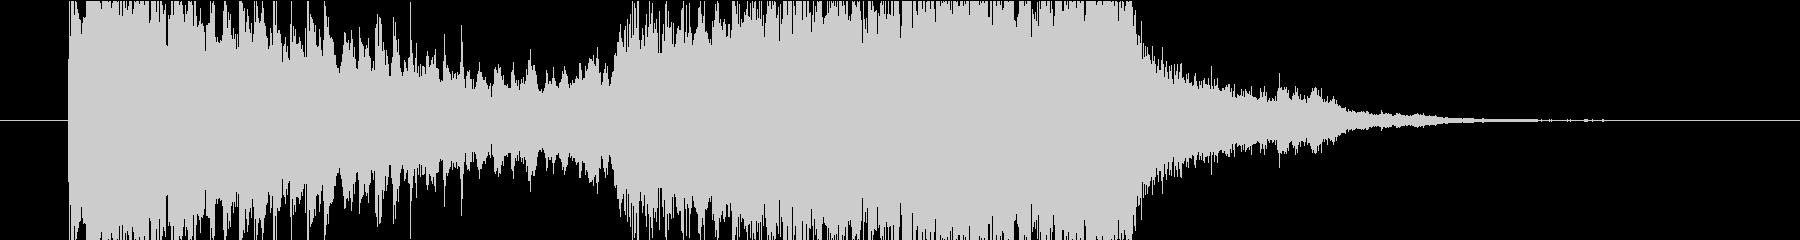 アイキャッチや場面転換などに。の未再生の波形